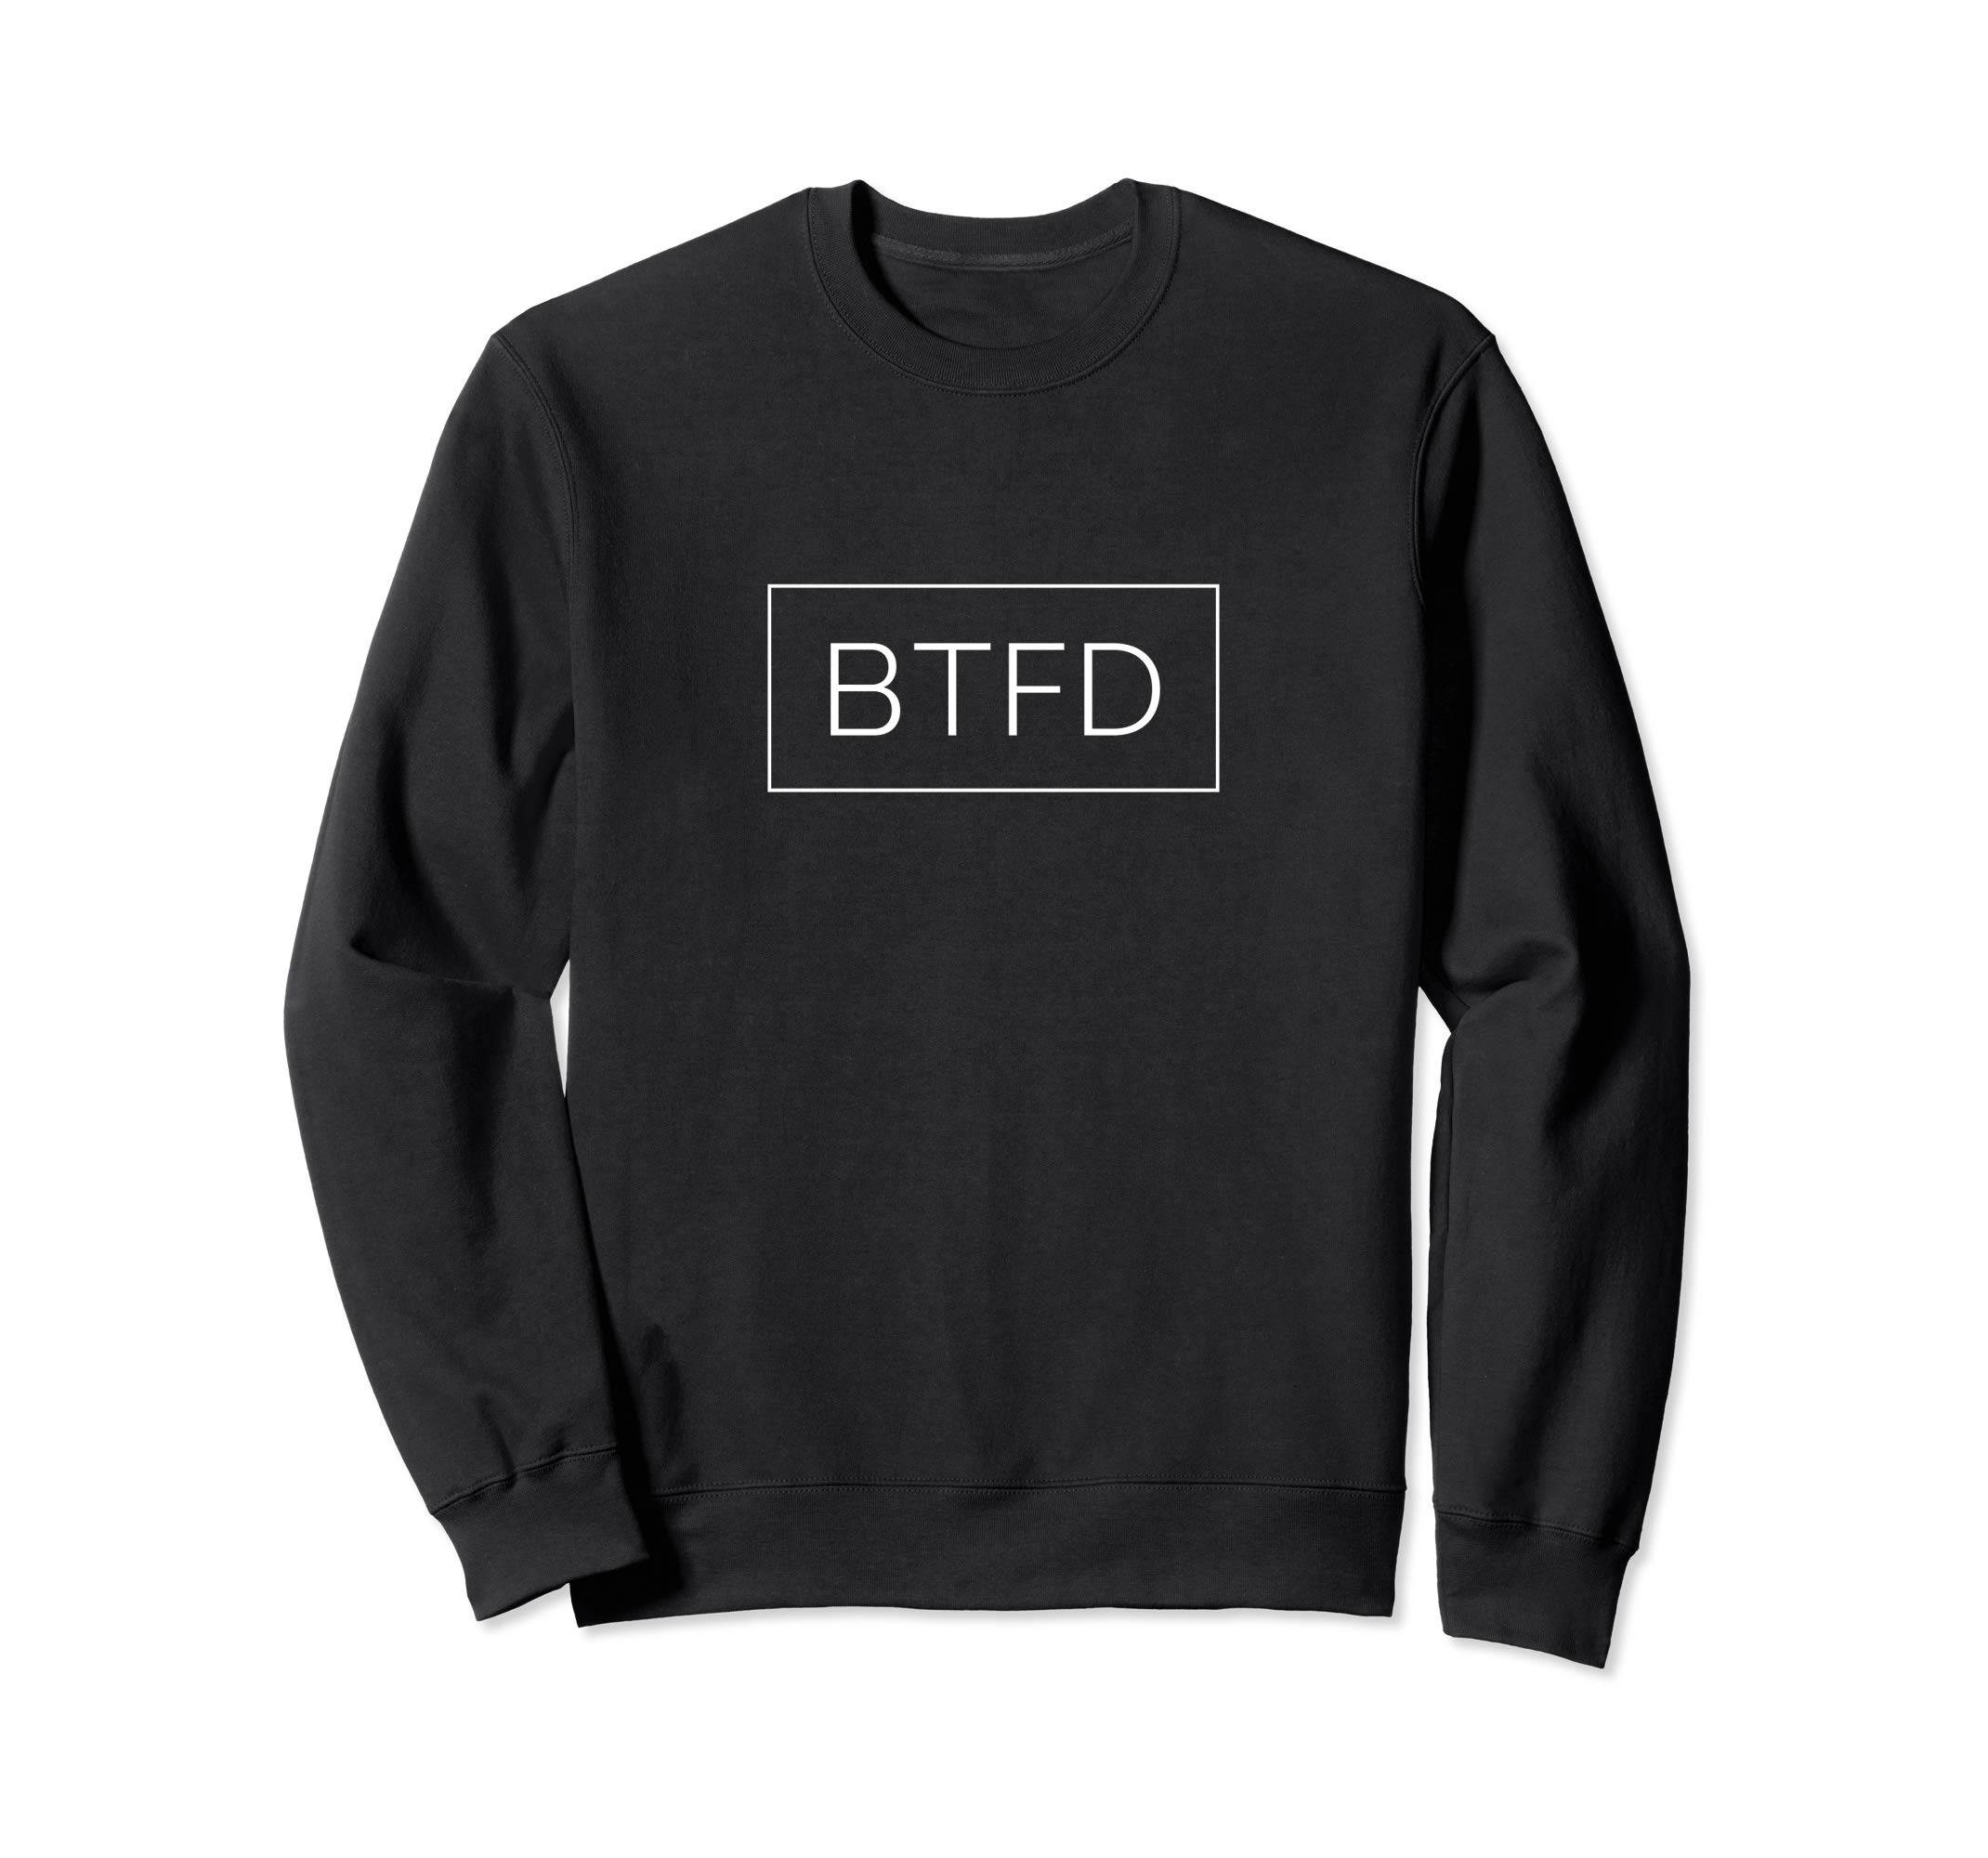 BTFD Sweatshirt